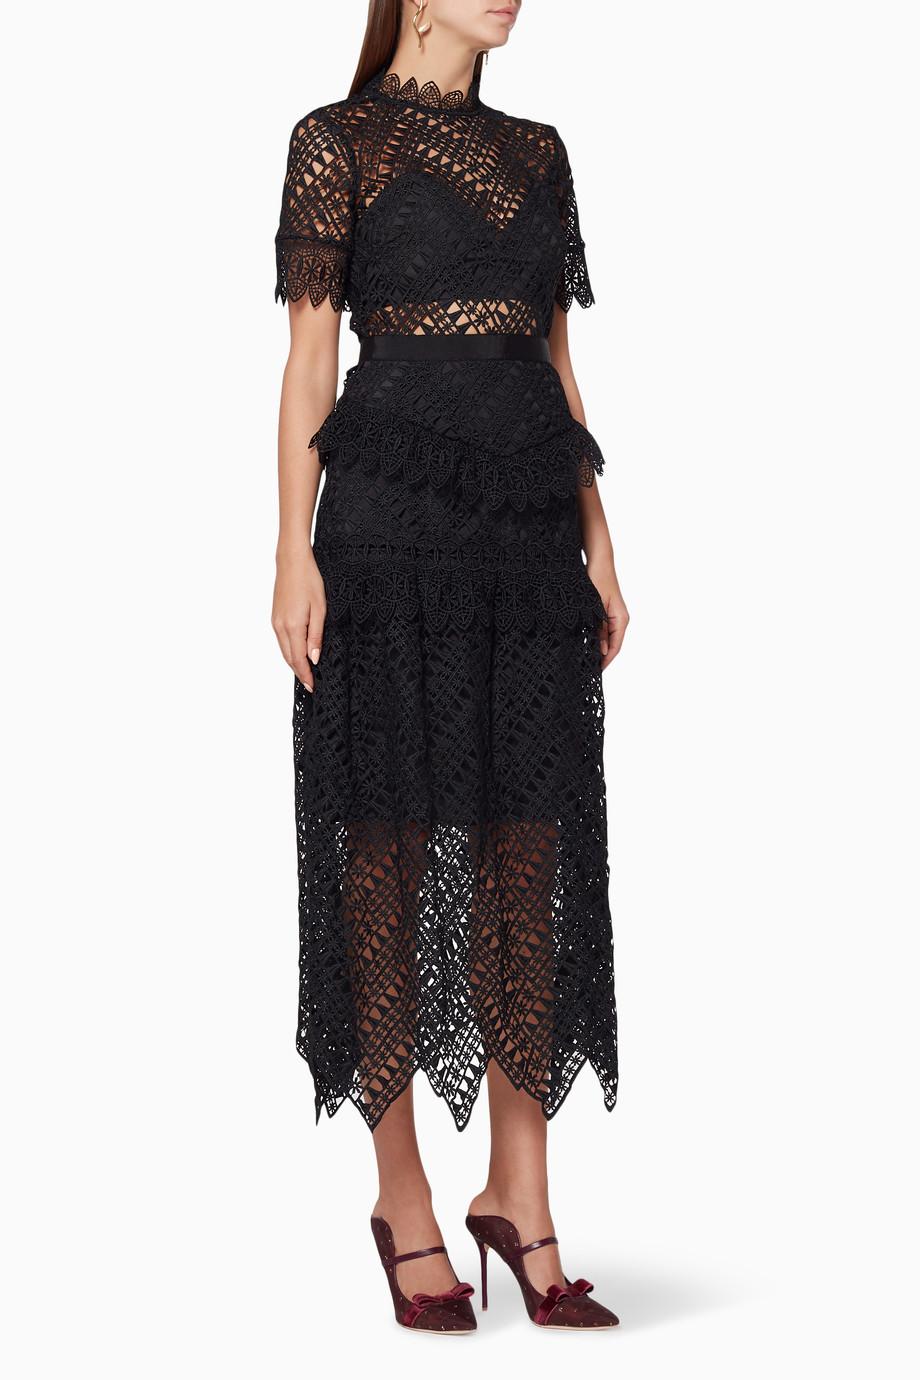 e2d257f48de Shop Self-Portrait Black Black Abstract Triangle Lace Midi Dress for ...